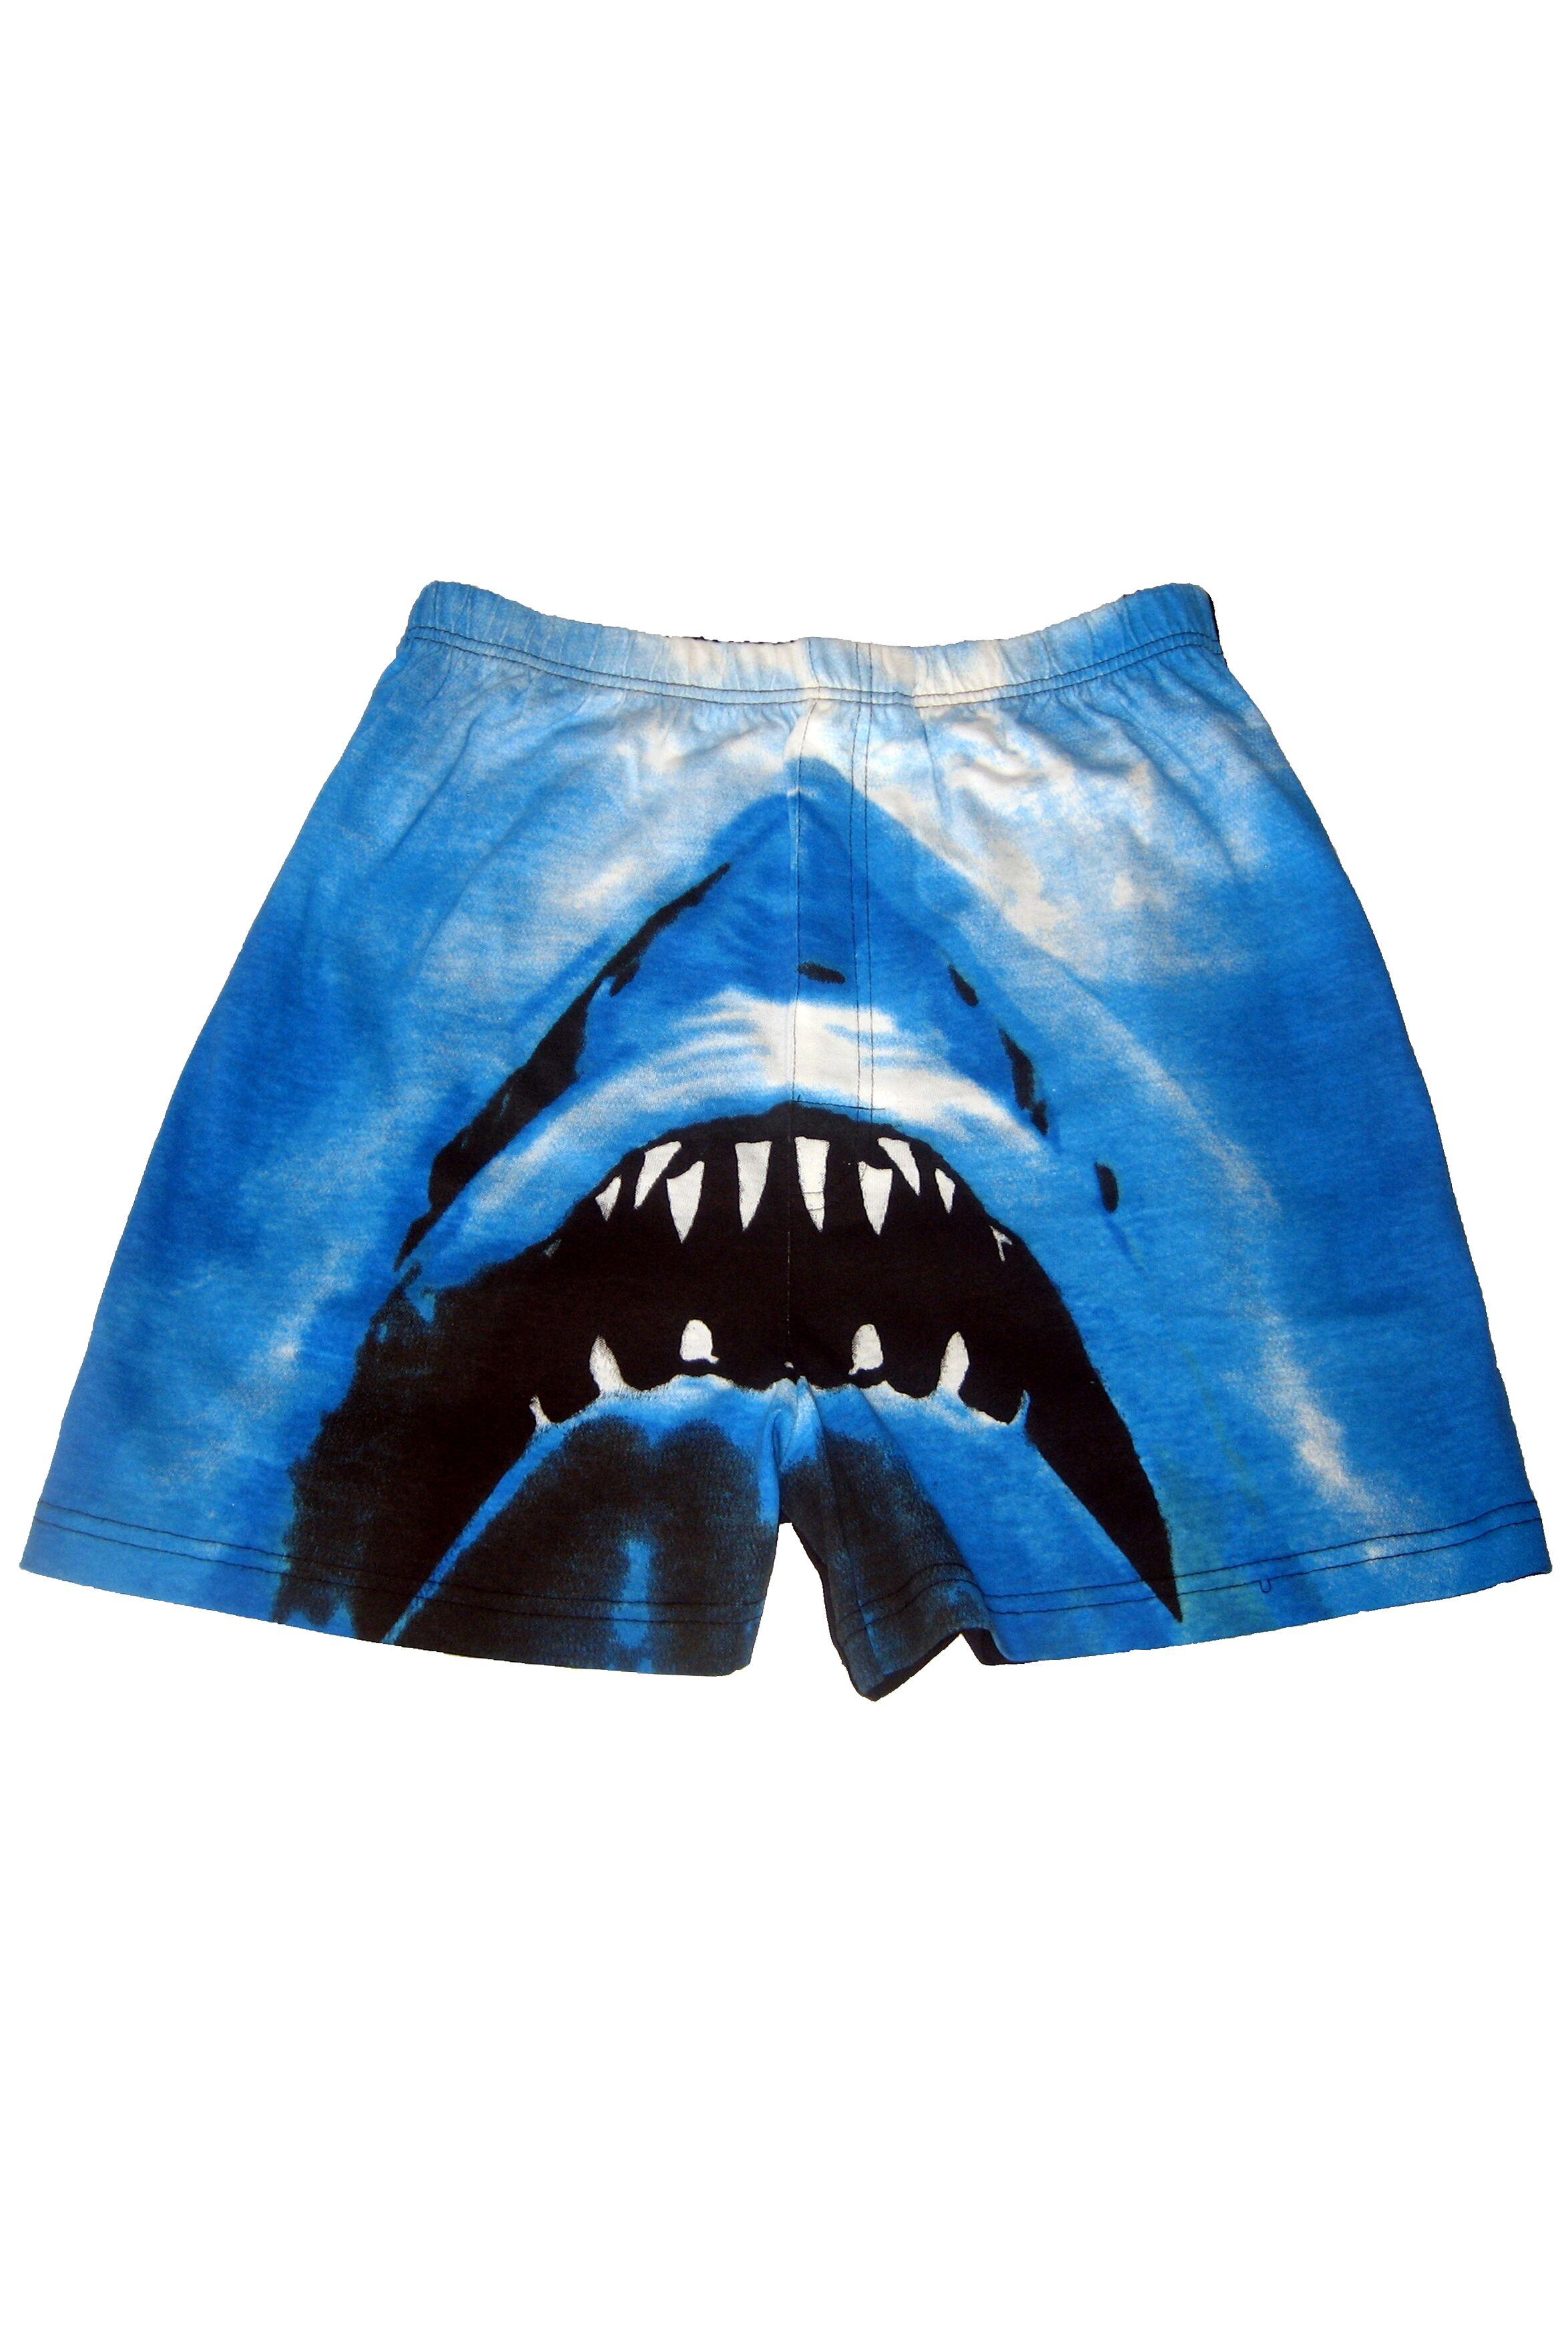 Image of 1 Pack Blue Magic Boxer Shorts In Shark Design Men's Extra Large - SOCKSHOP